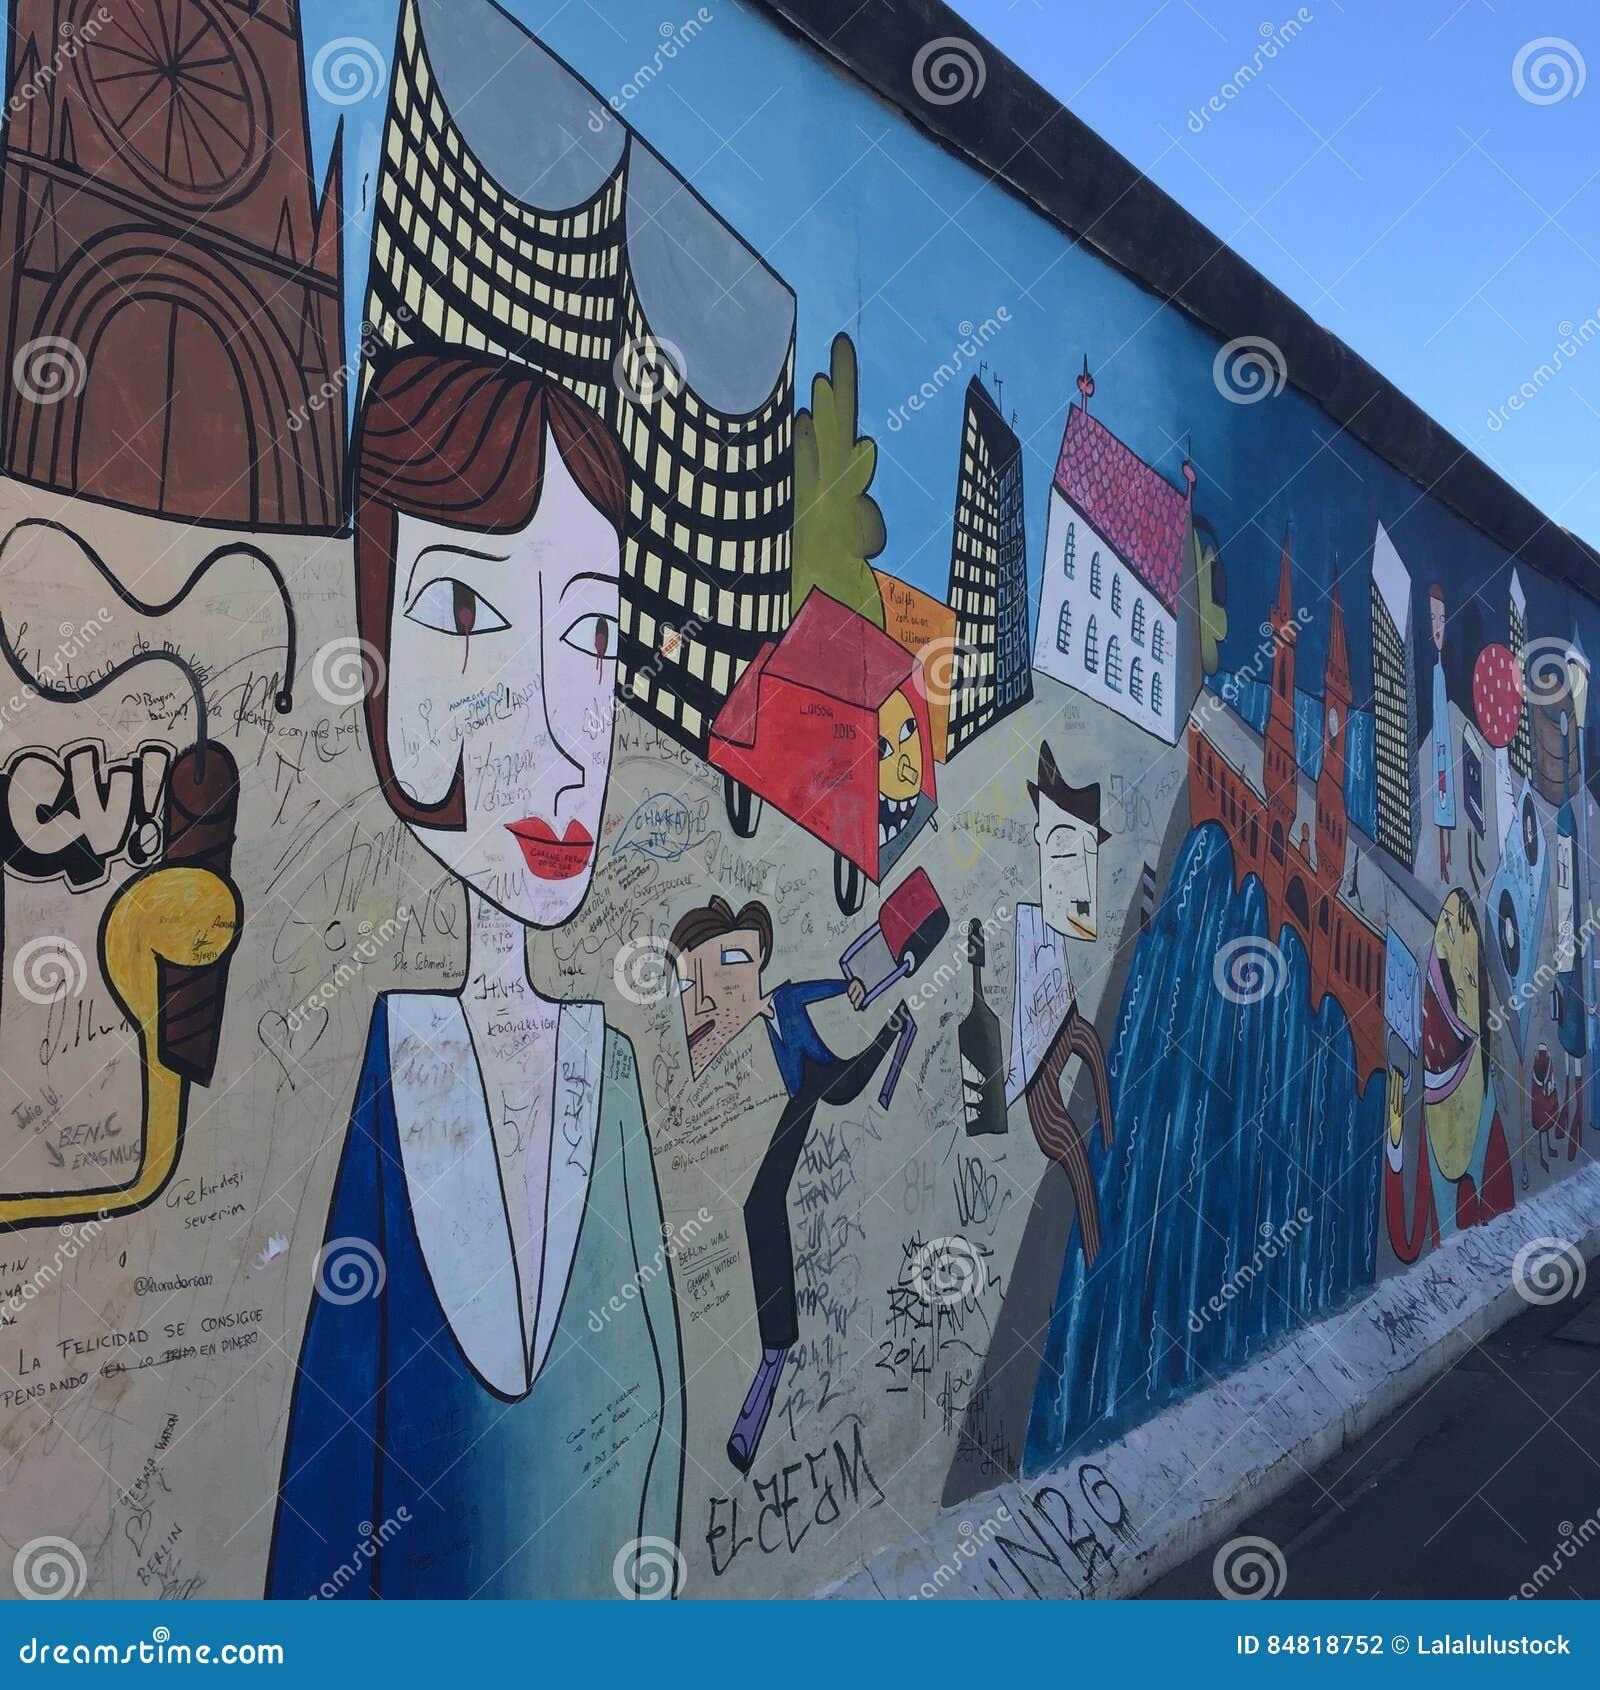 Berlin Wall Germany Graffiti